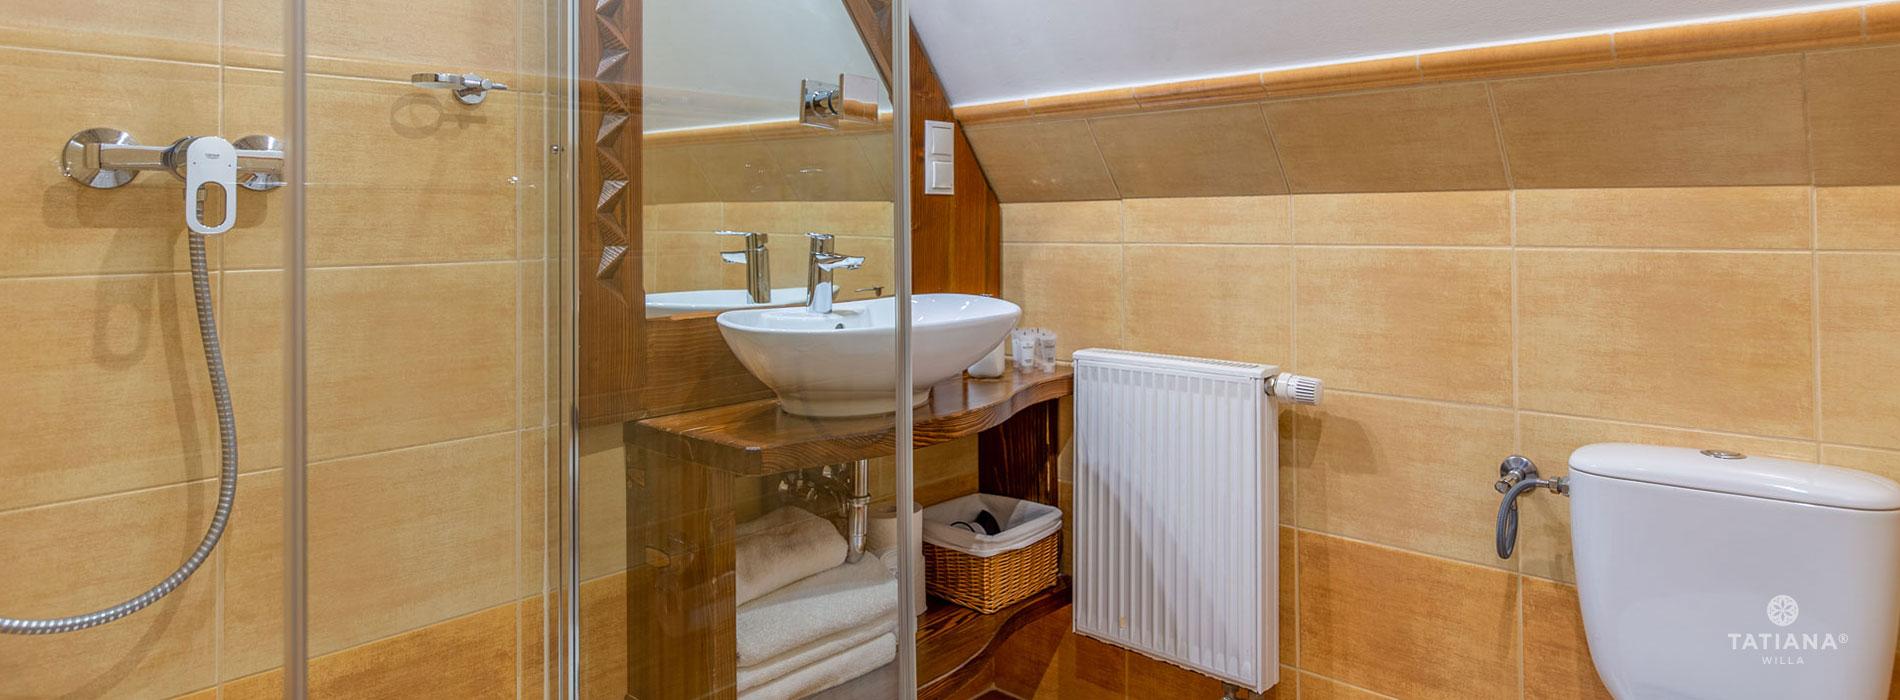 Apartment Premium 6 - Bathroom